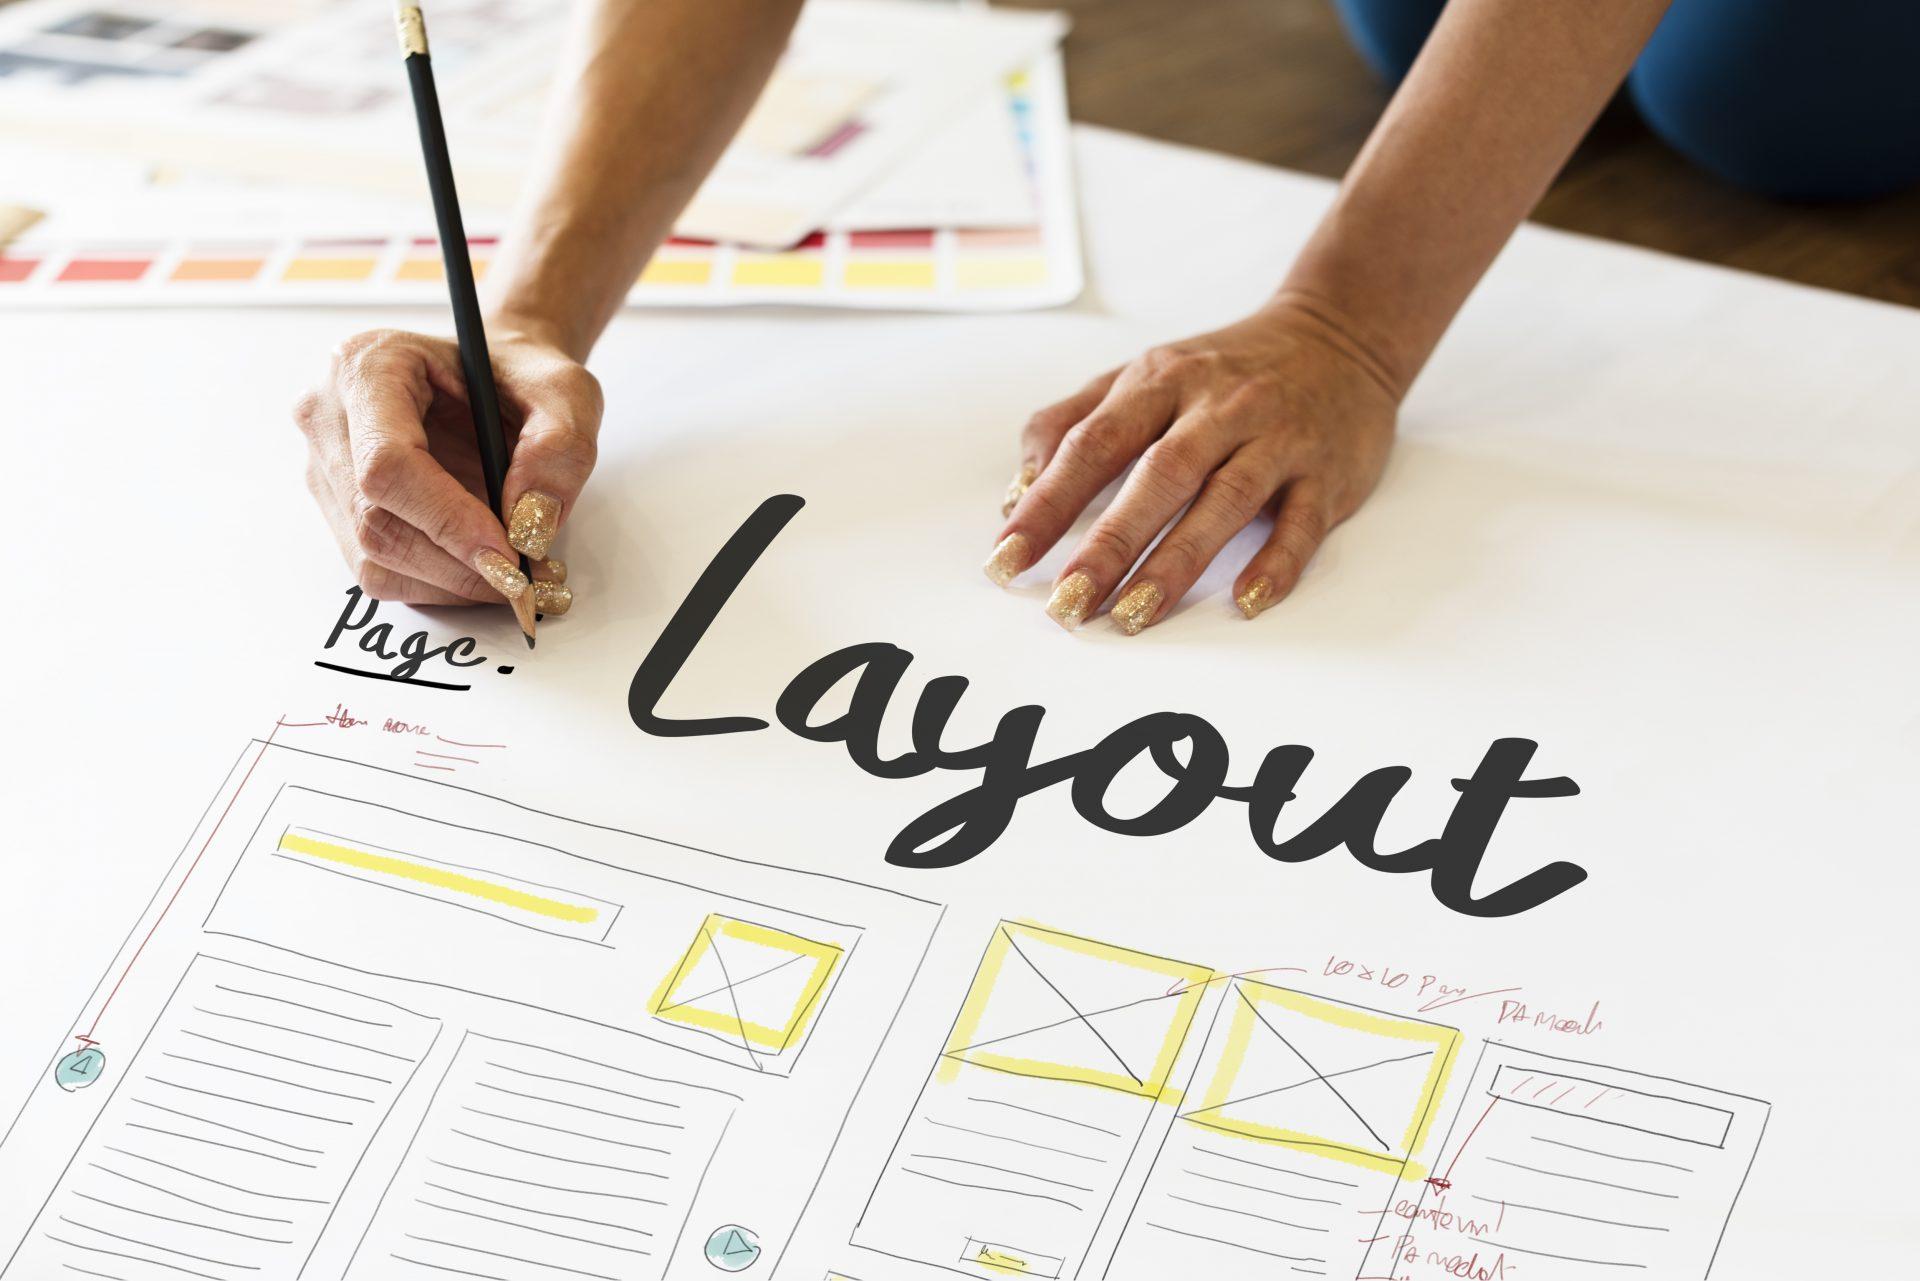 มือใหม่ควรรู้….ทำไมต้องออกแบบเว็บไซต์ ?